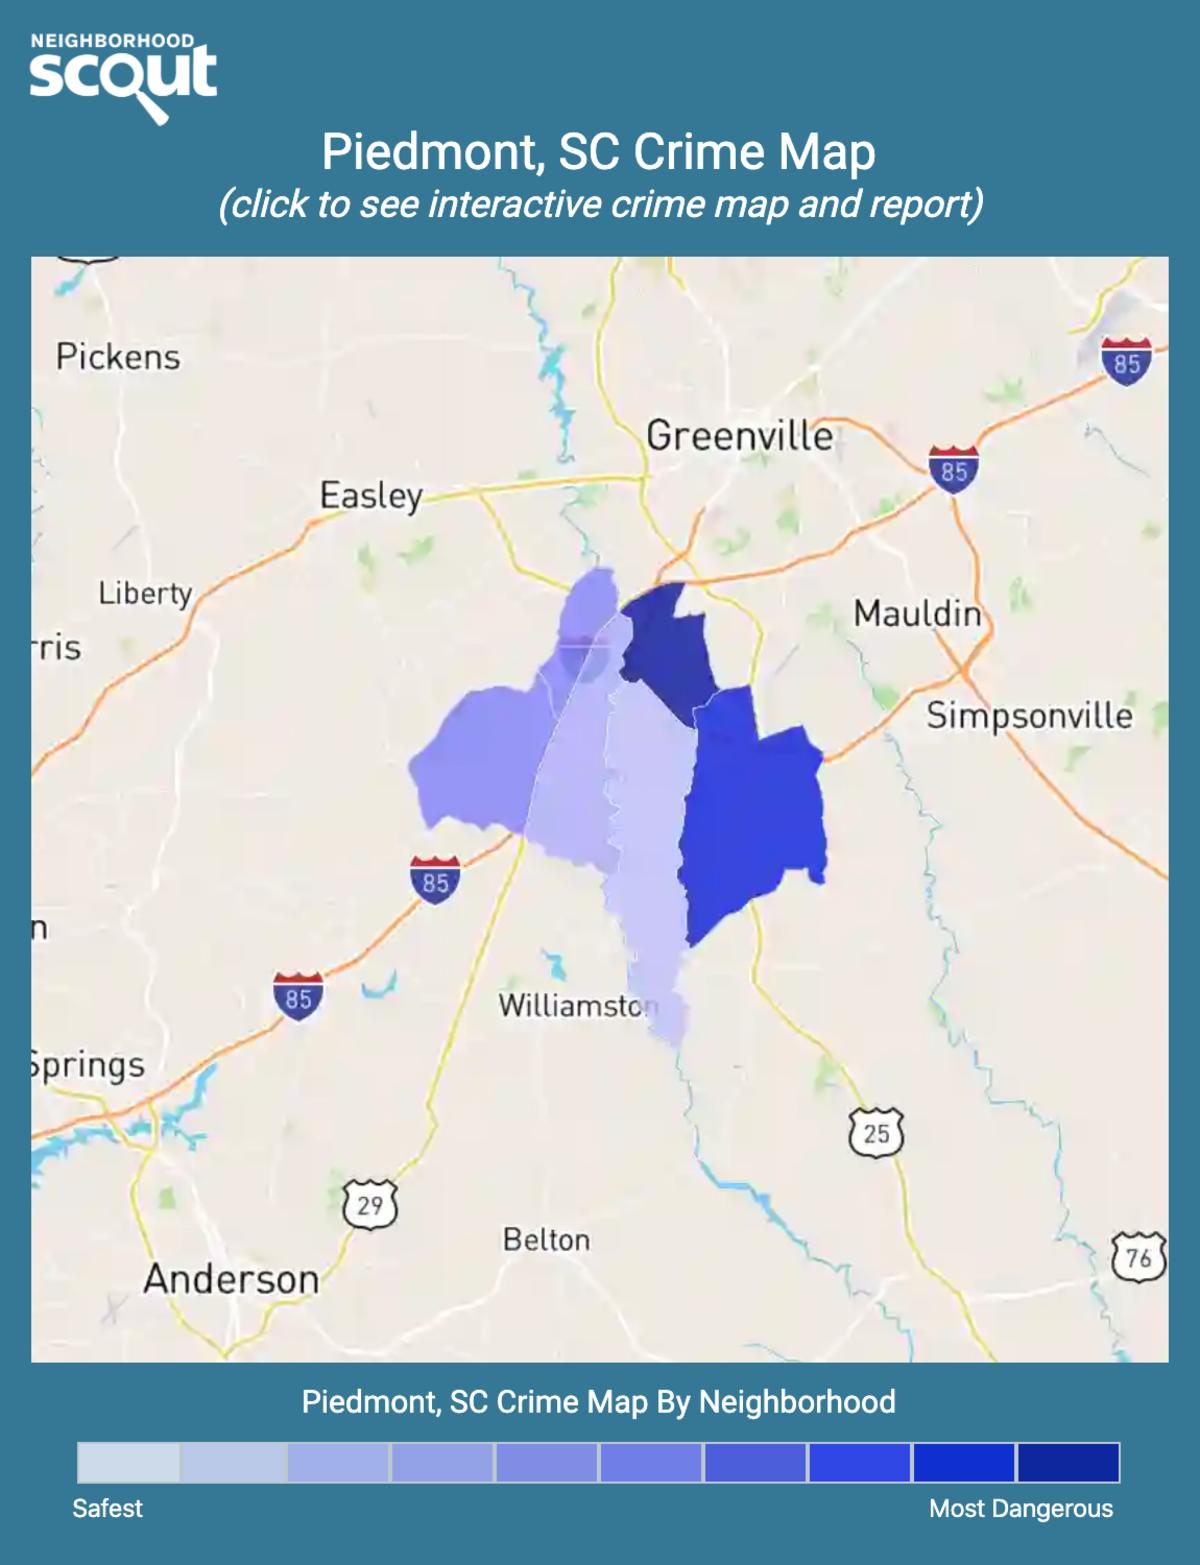 Piedmont, South Carolina crime map